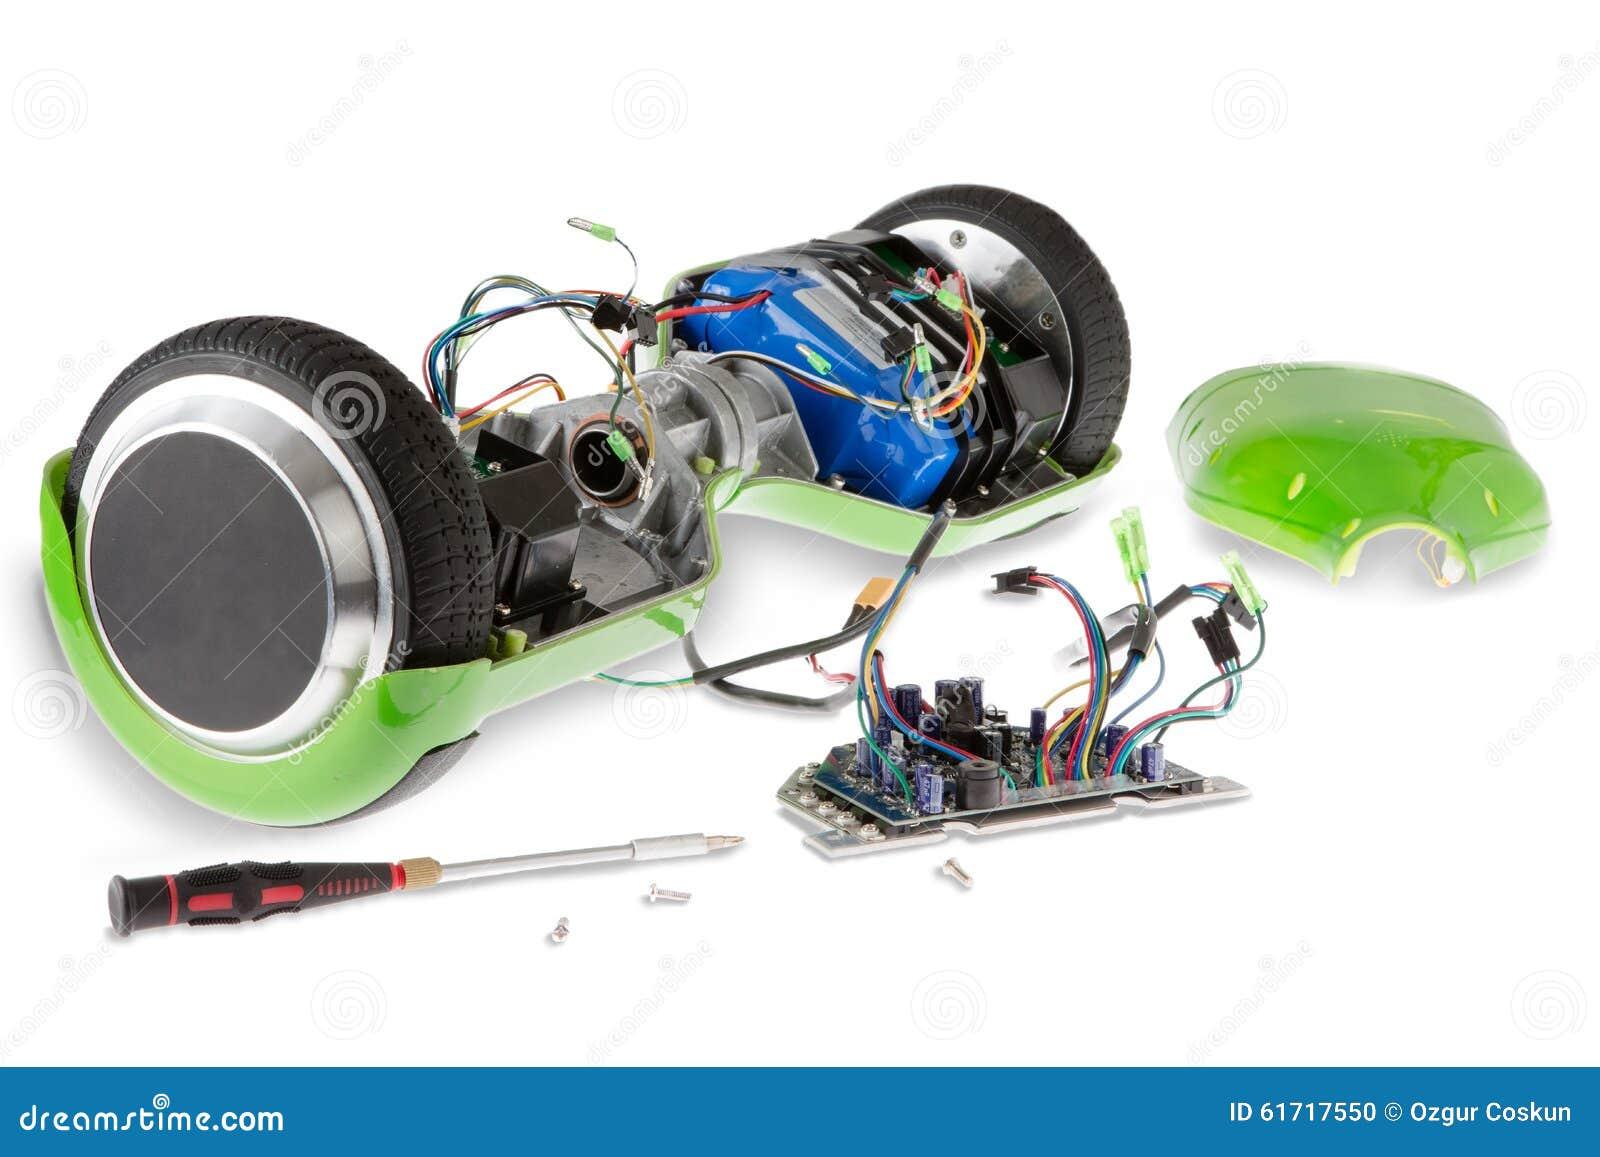 Planche a roulette toys r us